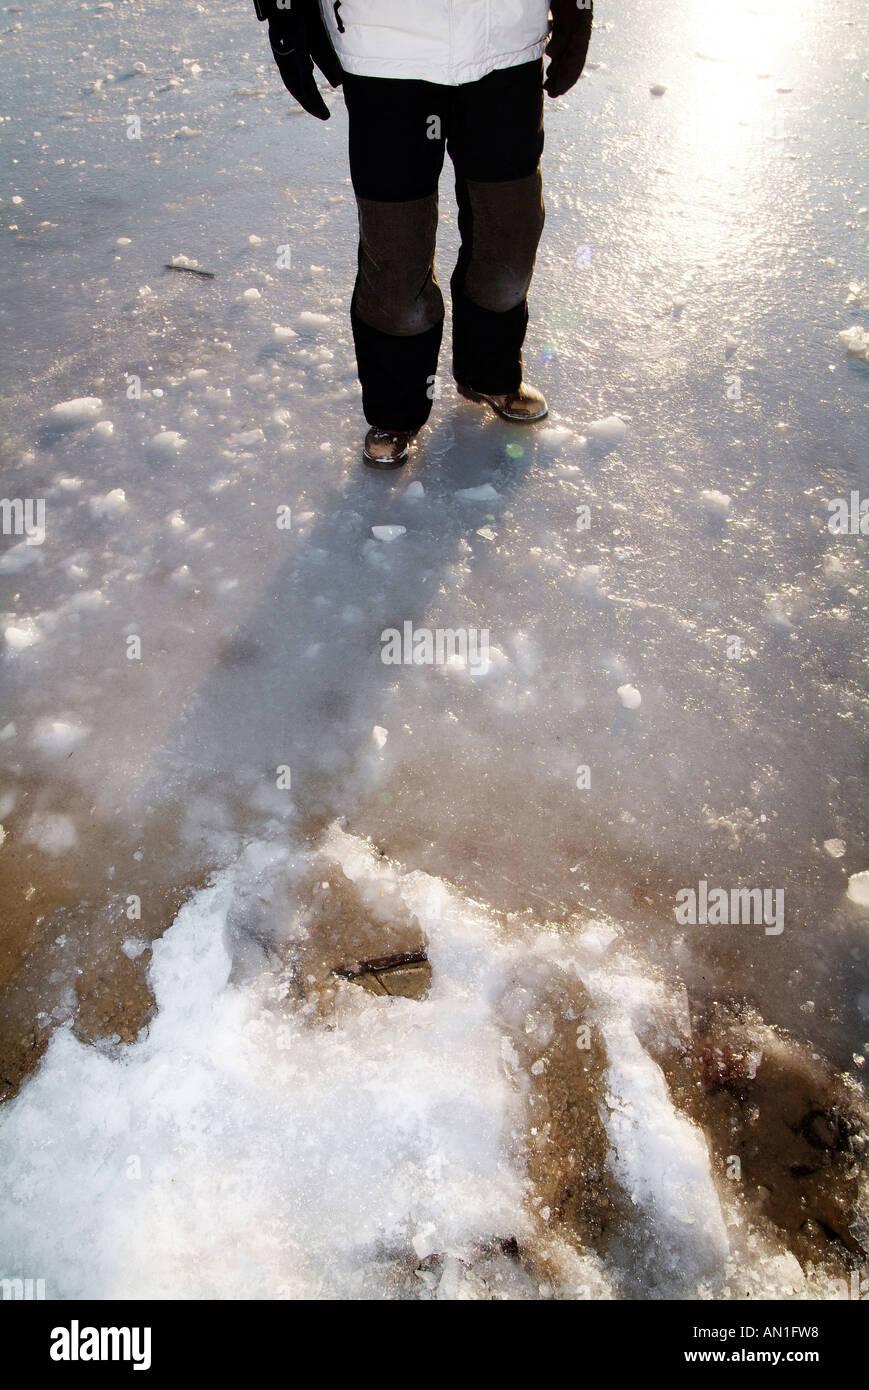 Spaß im Schnee Hamburg Stadtpark junge Frau mitte Dreißig tobt im Schnee MR - Stock Image